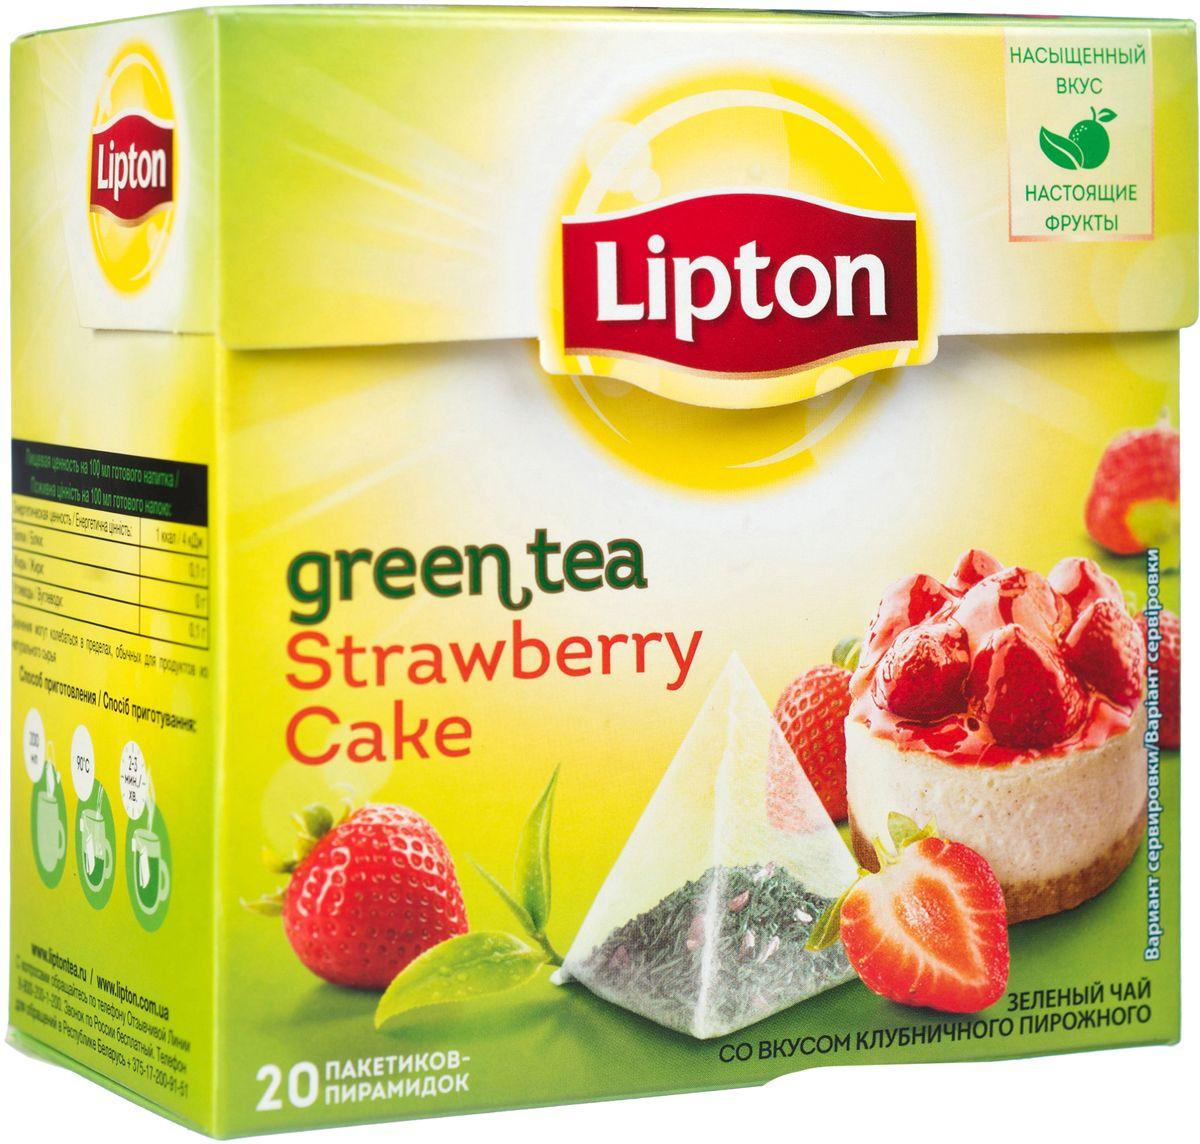 Lipton Зеленый чай Strawberry cake 20 шт lipton липтон чай зеленый чай зеленый чай в пакетиках 50 мешков 100г